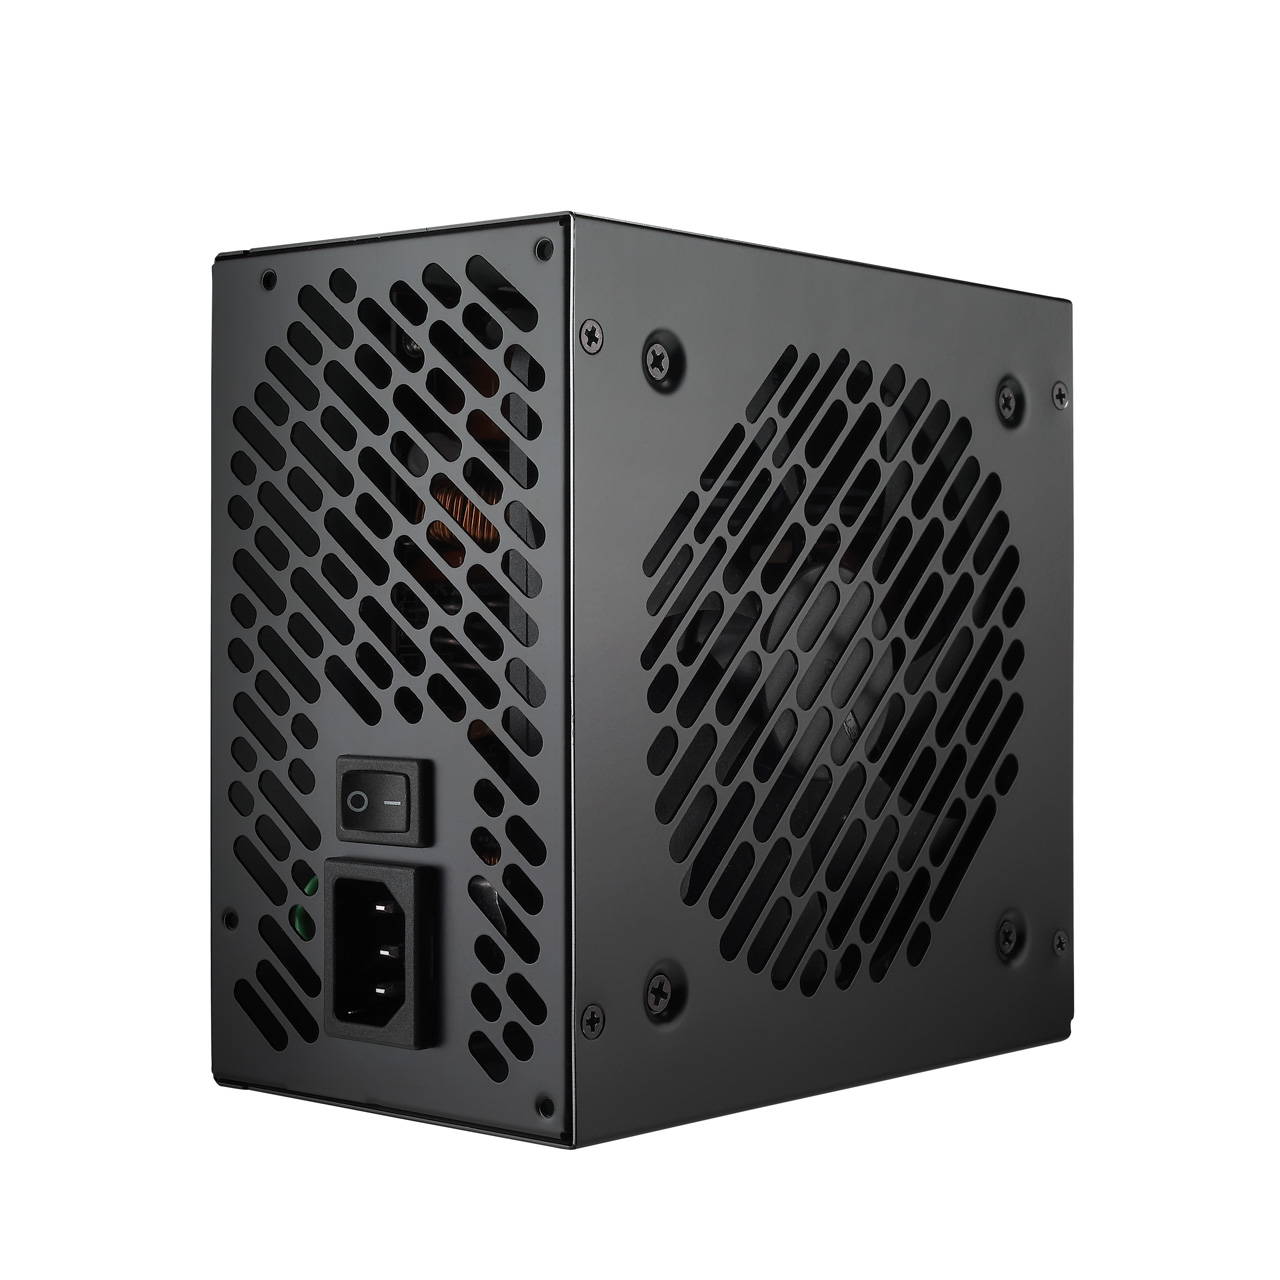 HYDRO 600W | Power Supply | FspLifeStyle